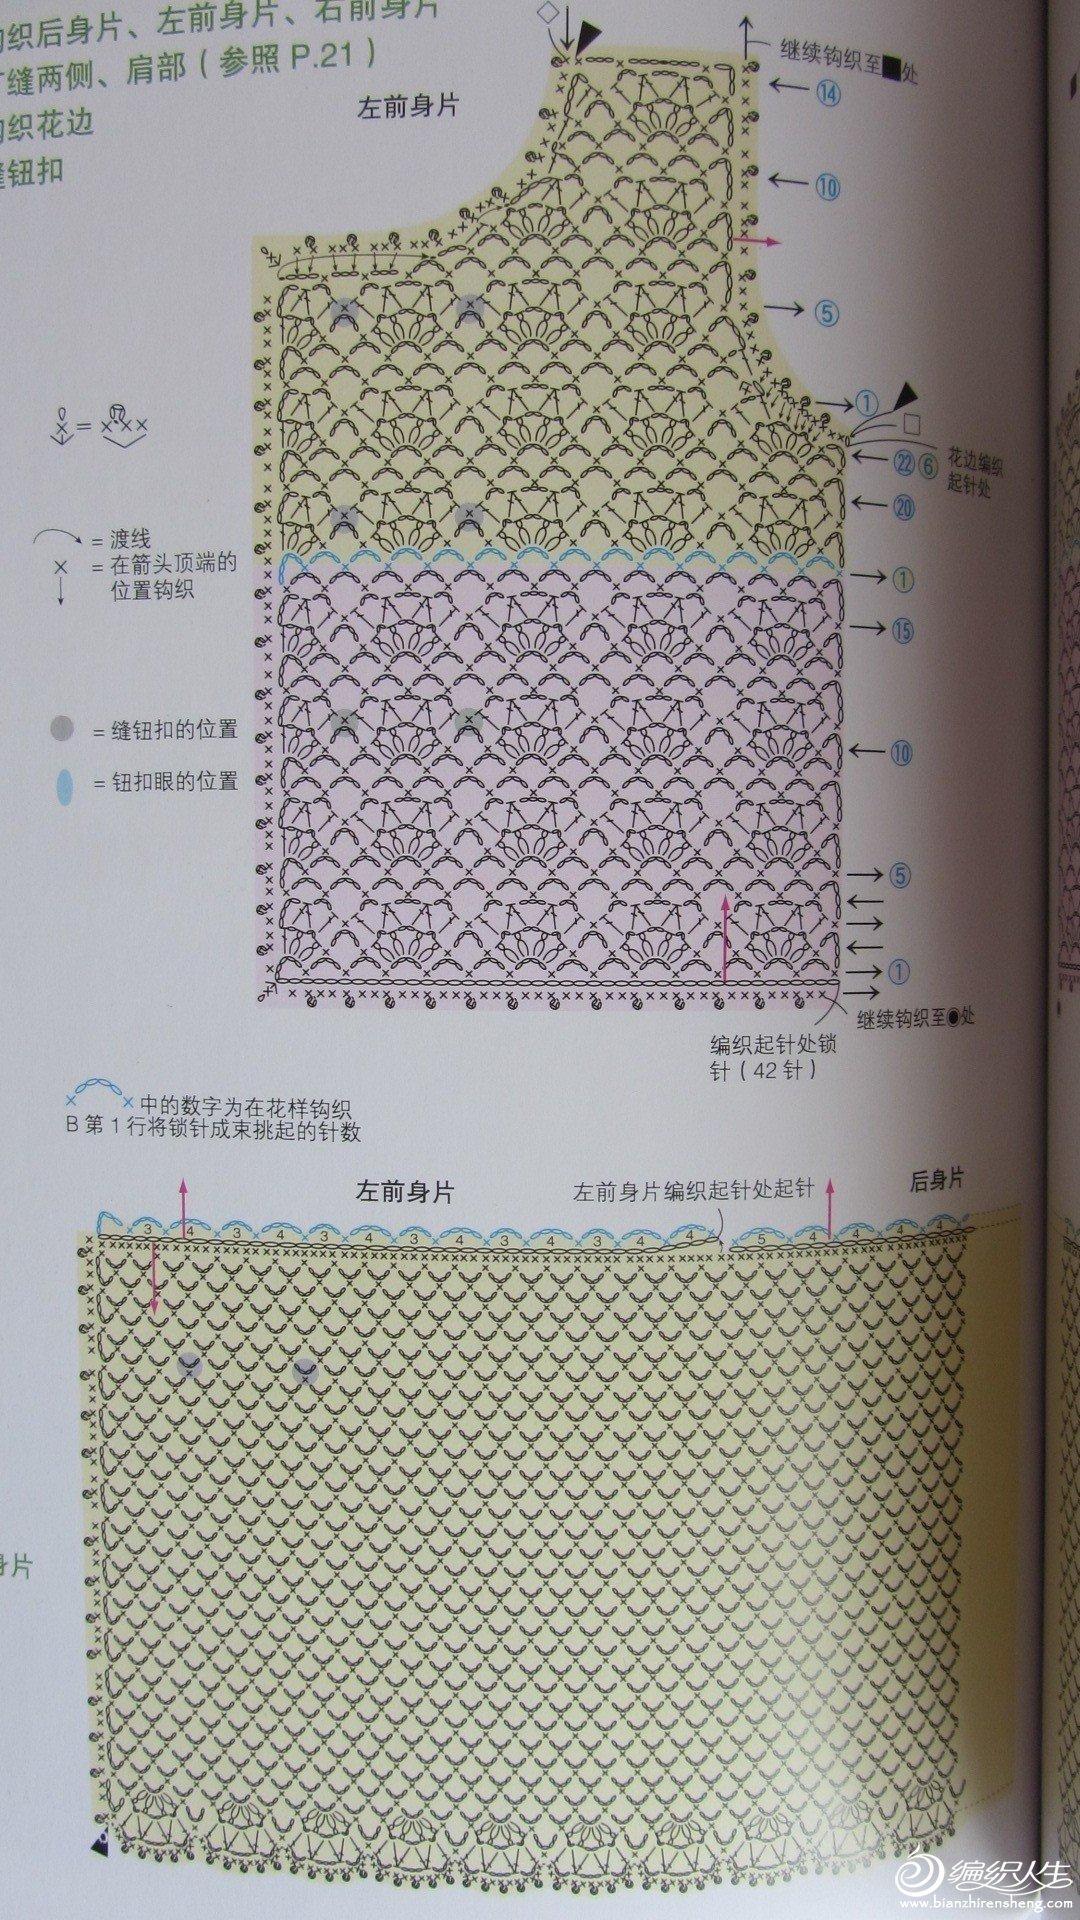 甜心公主图解3.jpg